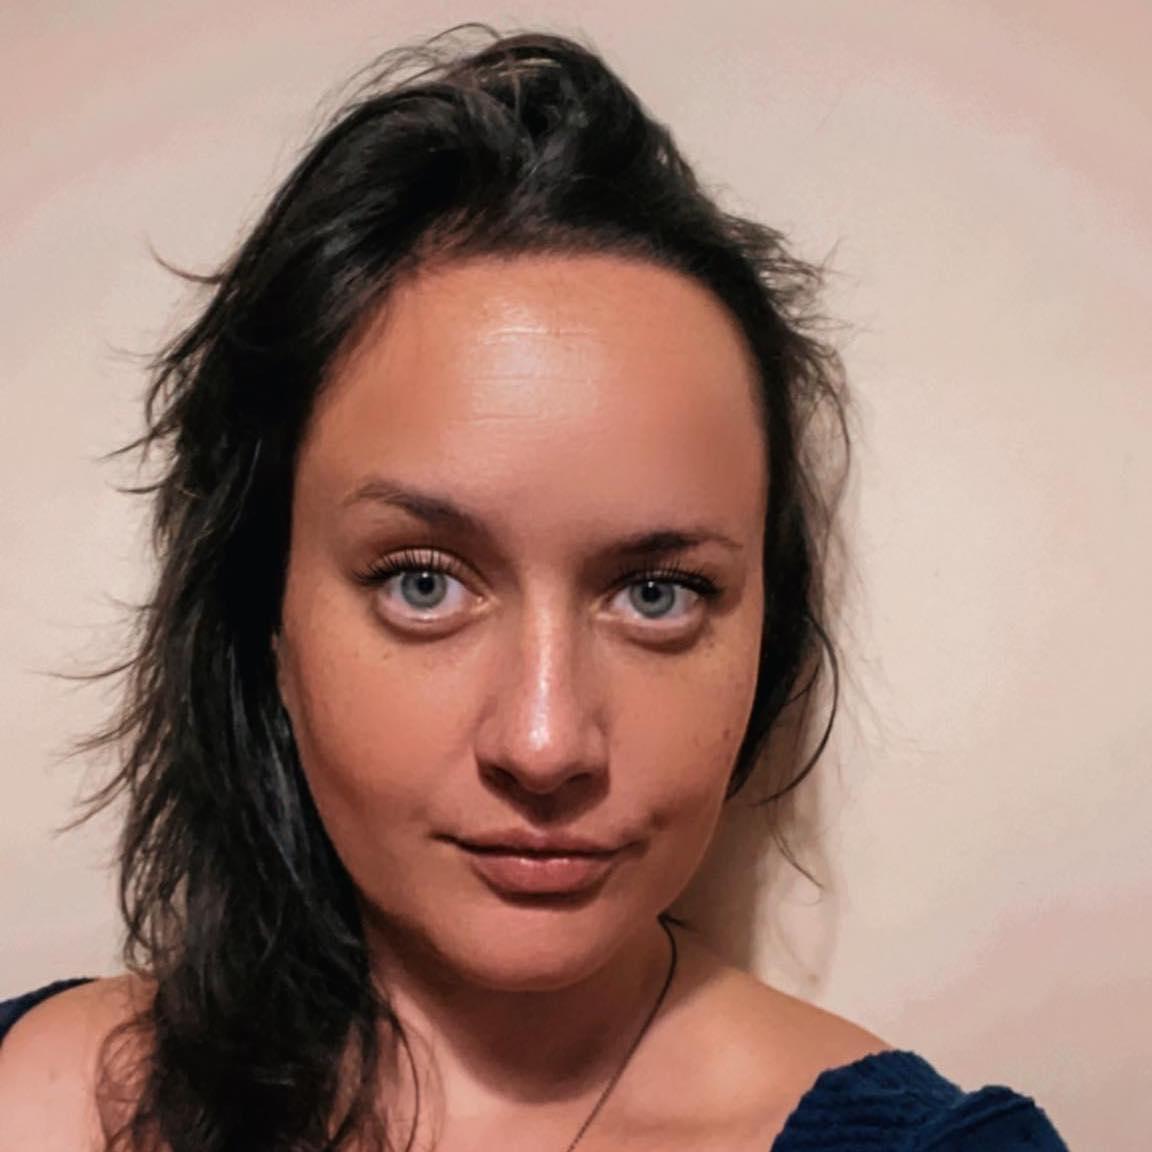 Radka Zahradníková